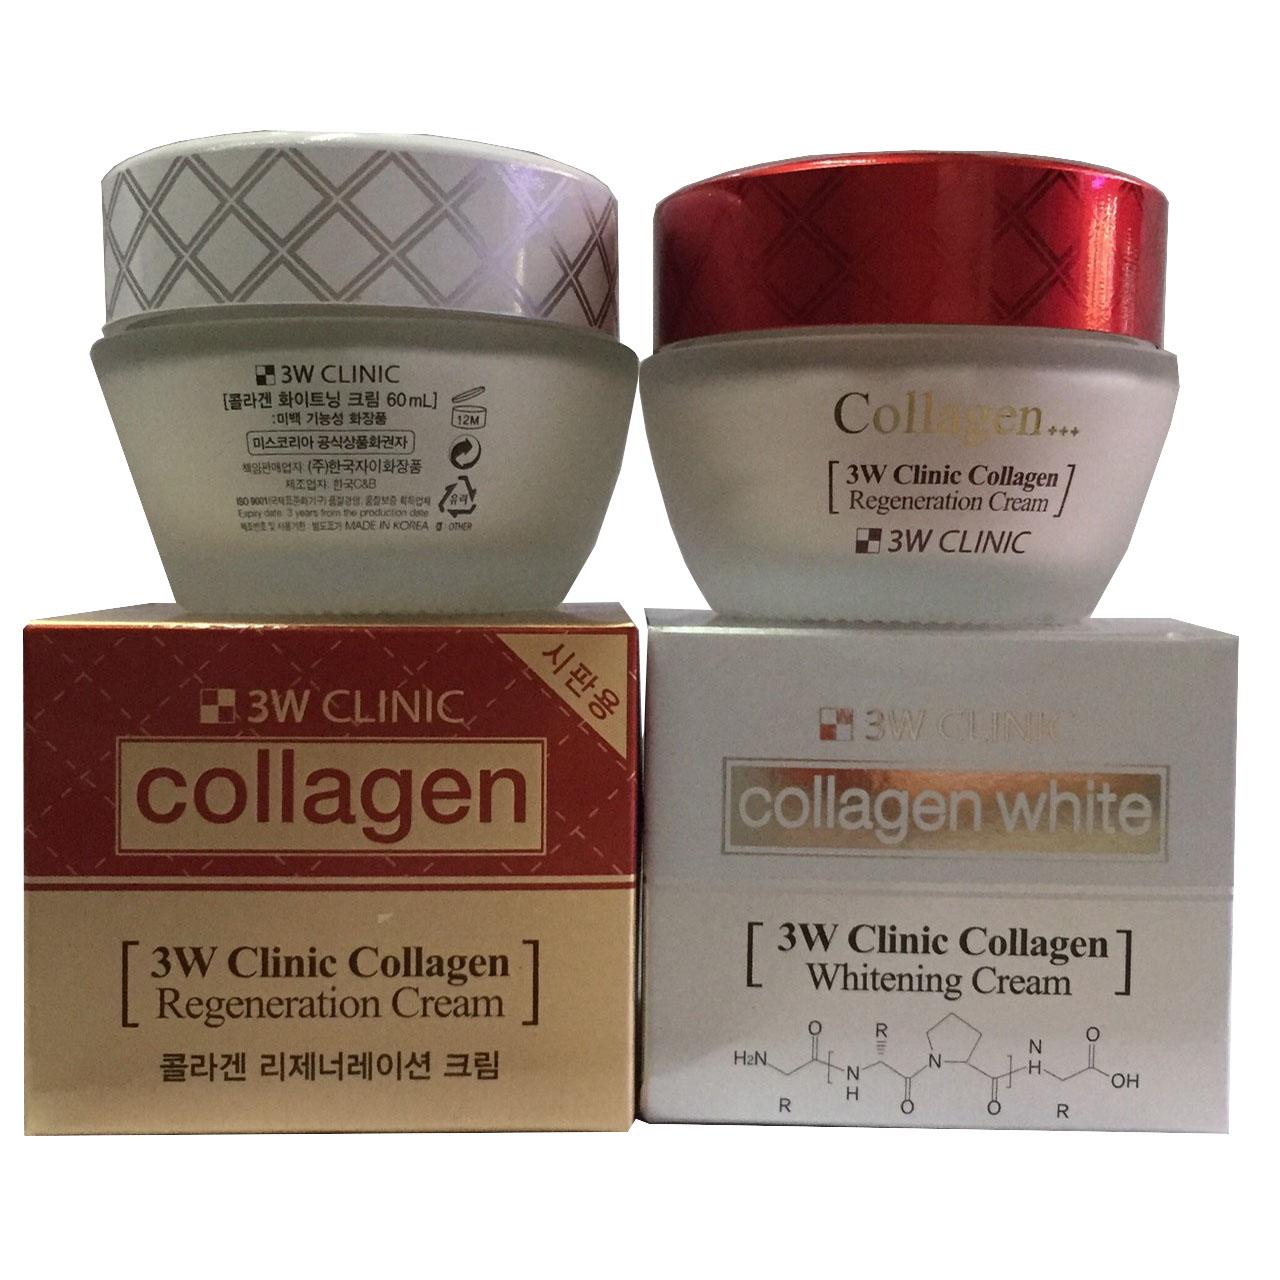 Combo Kem Dưỡng Trắng Collagen Regeneration Cream 60ml (Đỏ) và Kem Dưỡng Trắng Collagen Whitening Cream 60ml (trắng) 3W Clinic nhập khẩu Hàn Quốc.